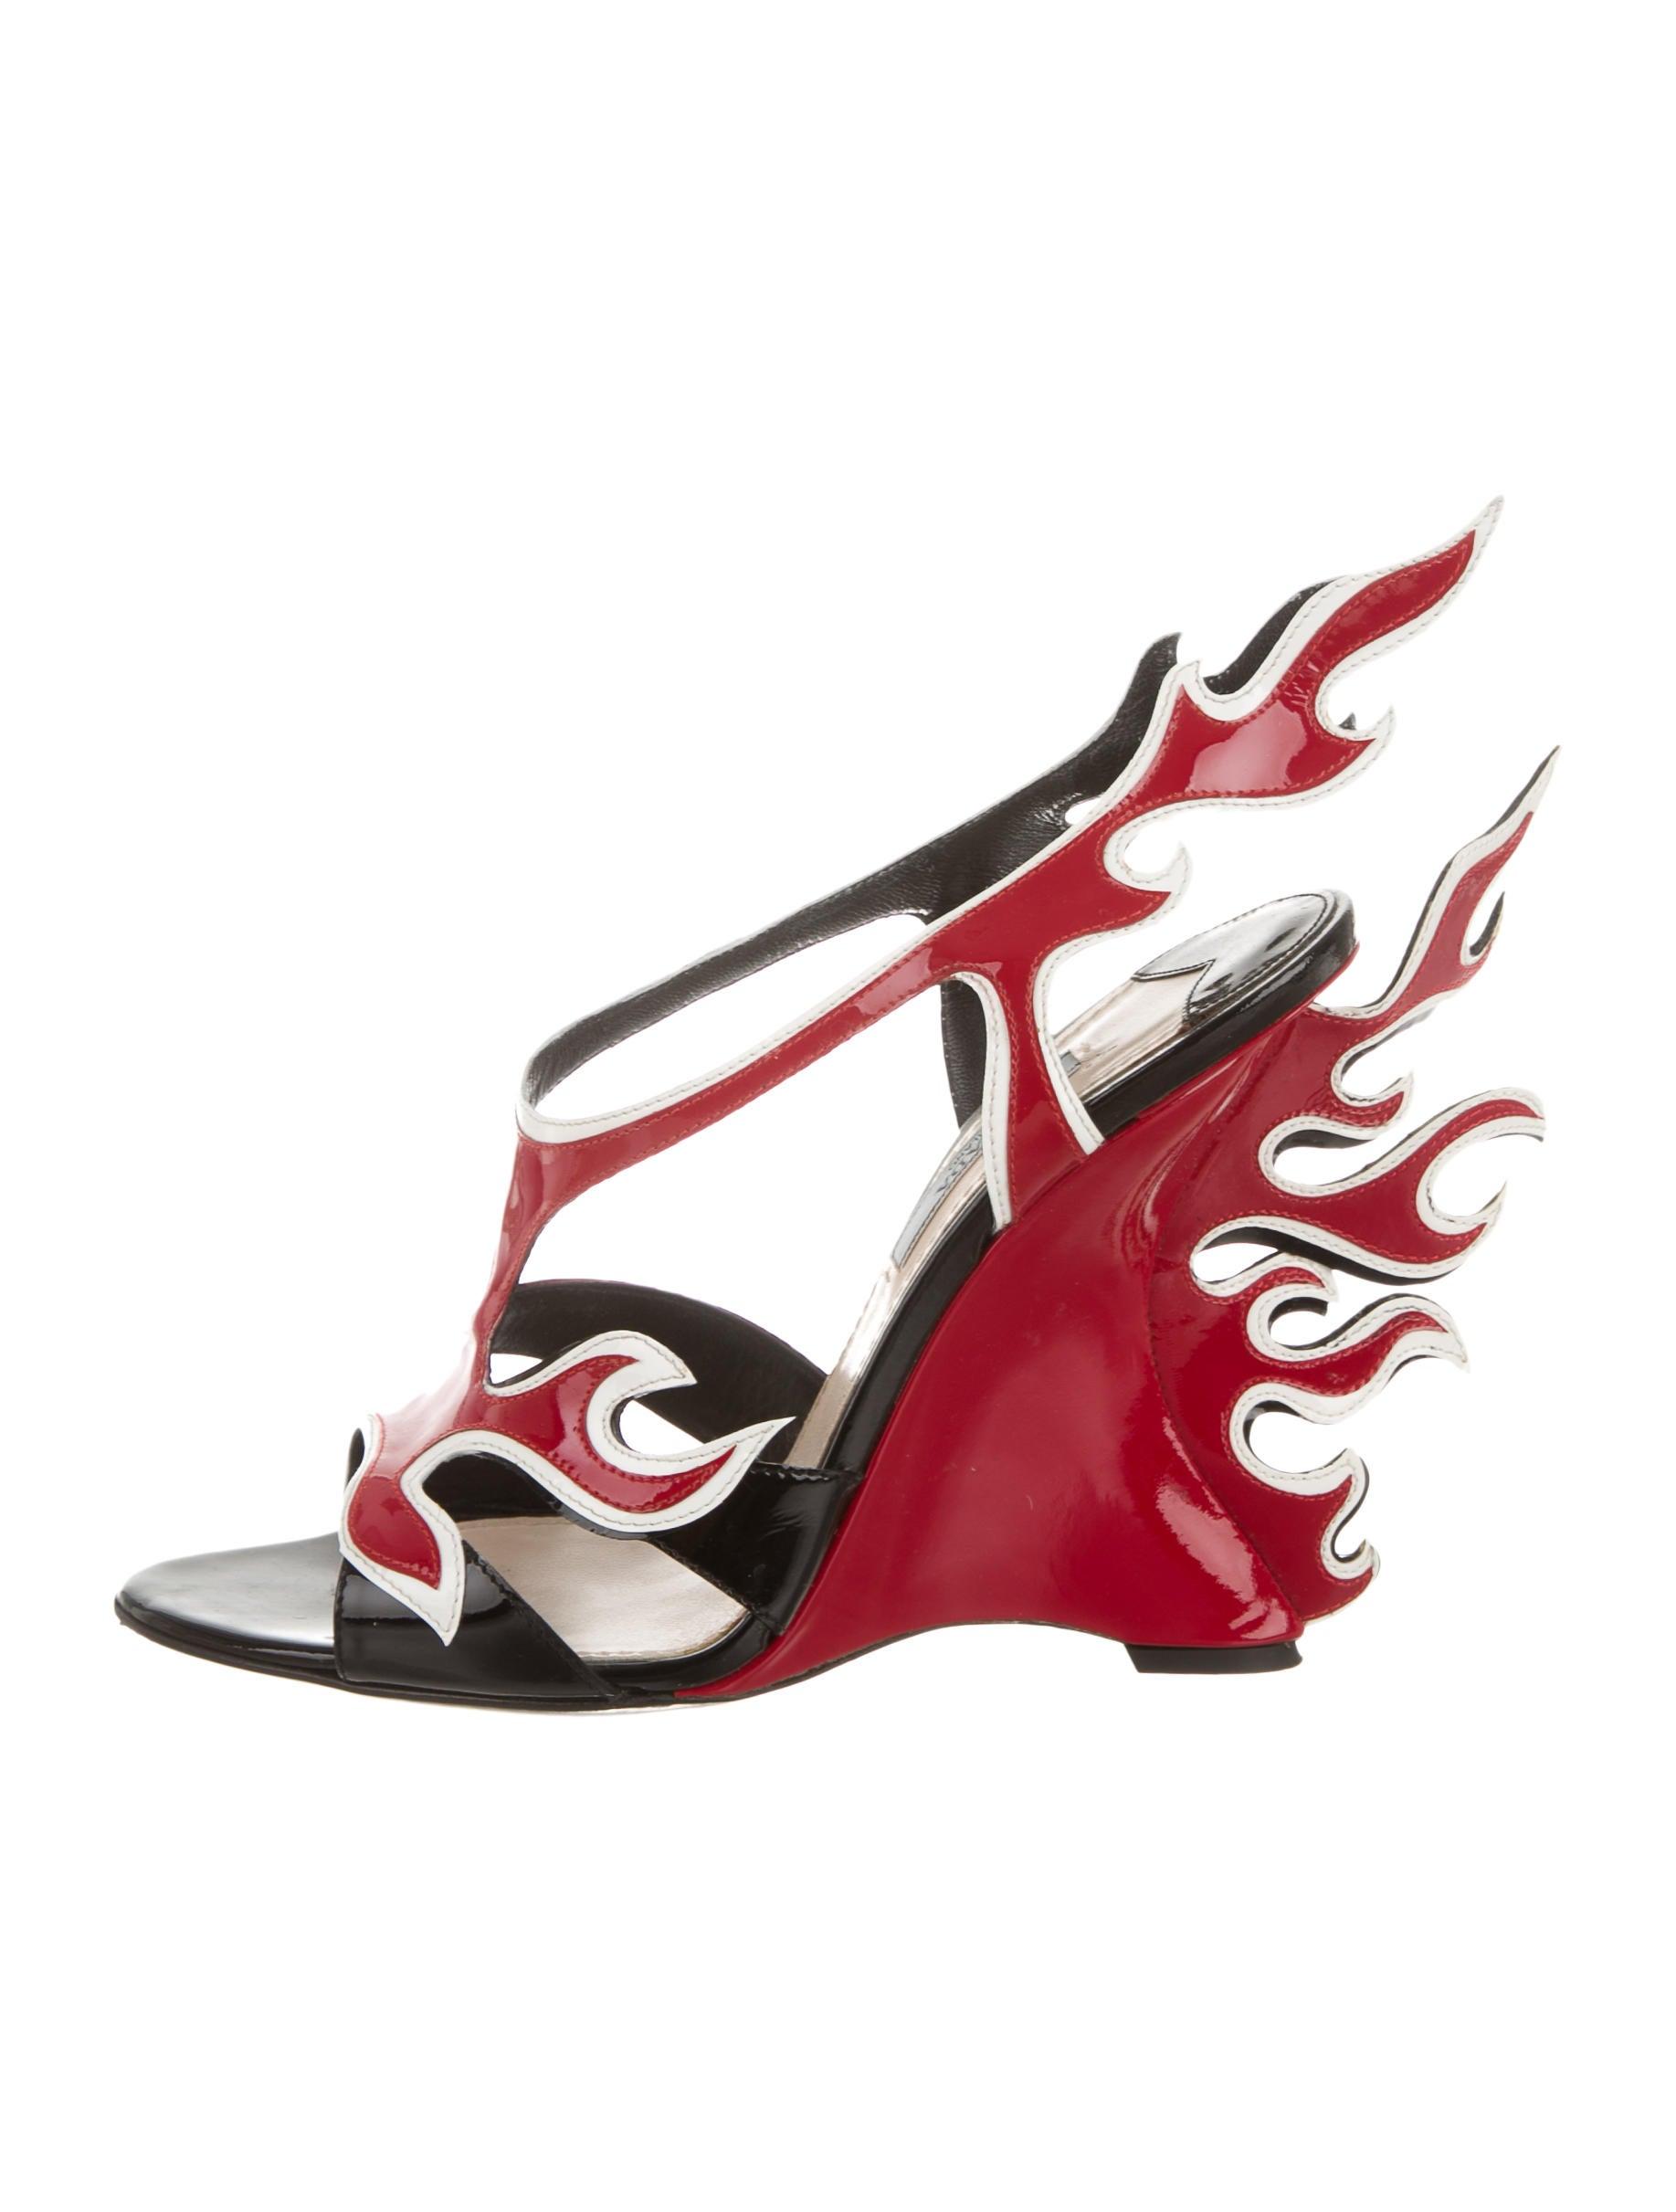 a3afb0be9da Prada Flame Wedge Sandals - Shoes - PRA113972